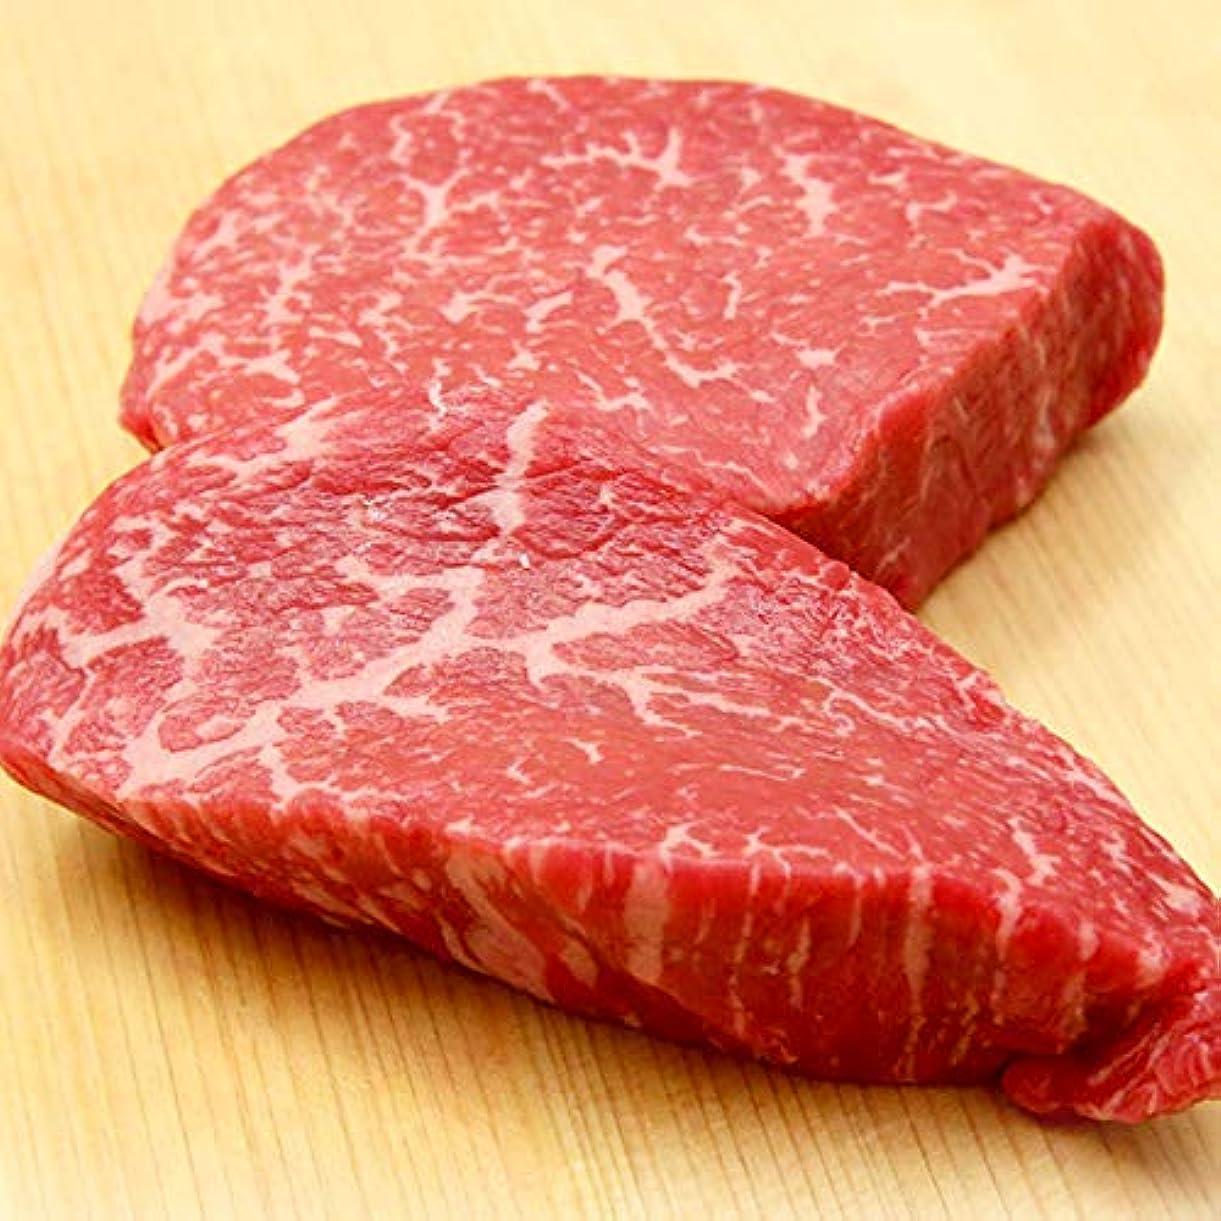 ジャンルキルト司法A5等級 松阪牛 ステーキ 100g×2枚 (A5等級 松阪牛 赤身ステーキ 100g×2枚)